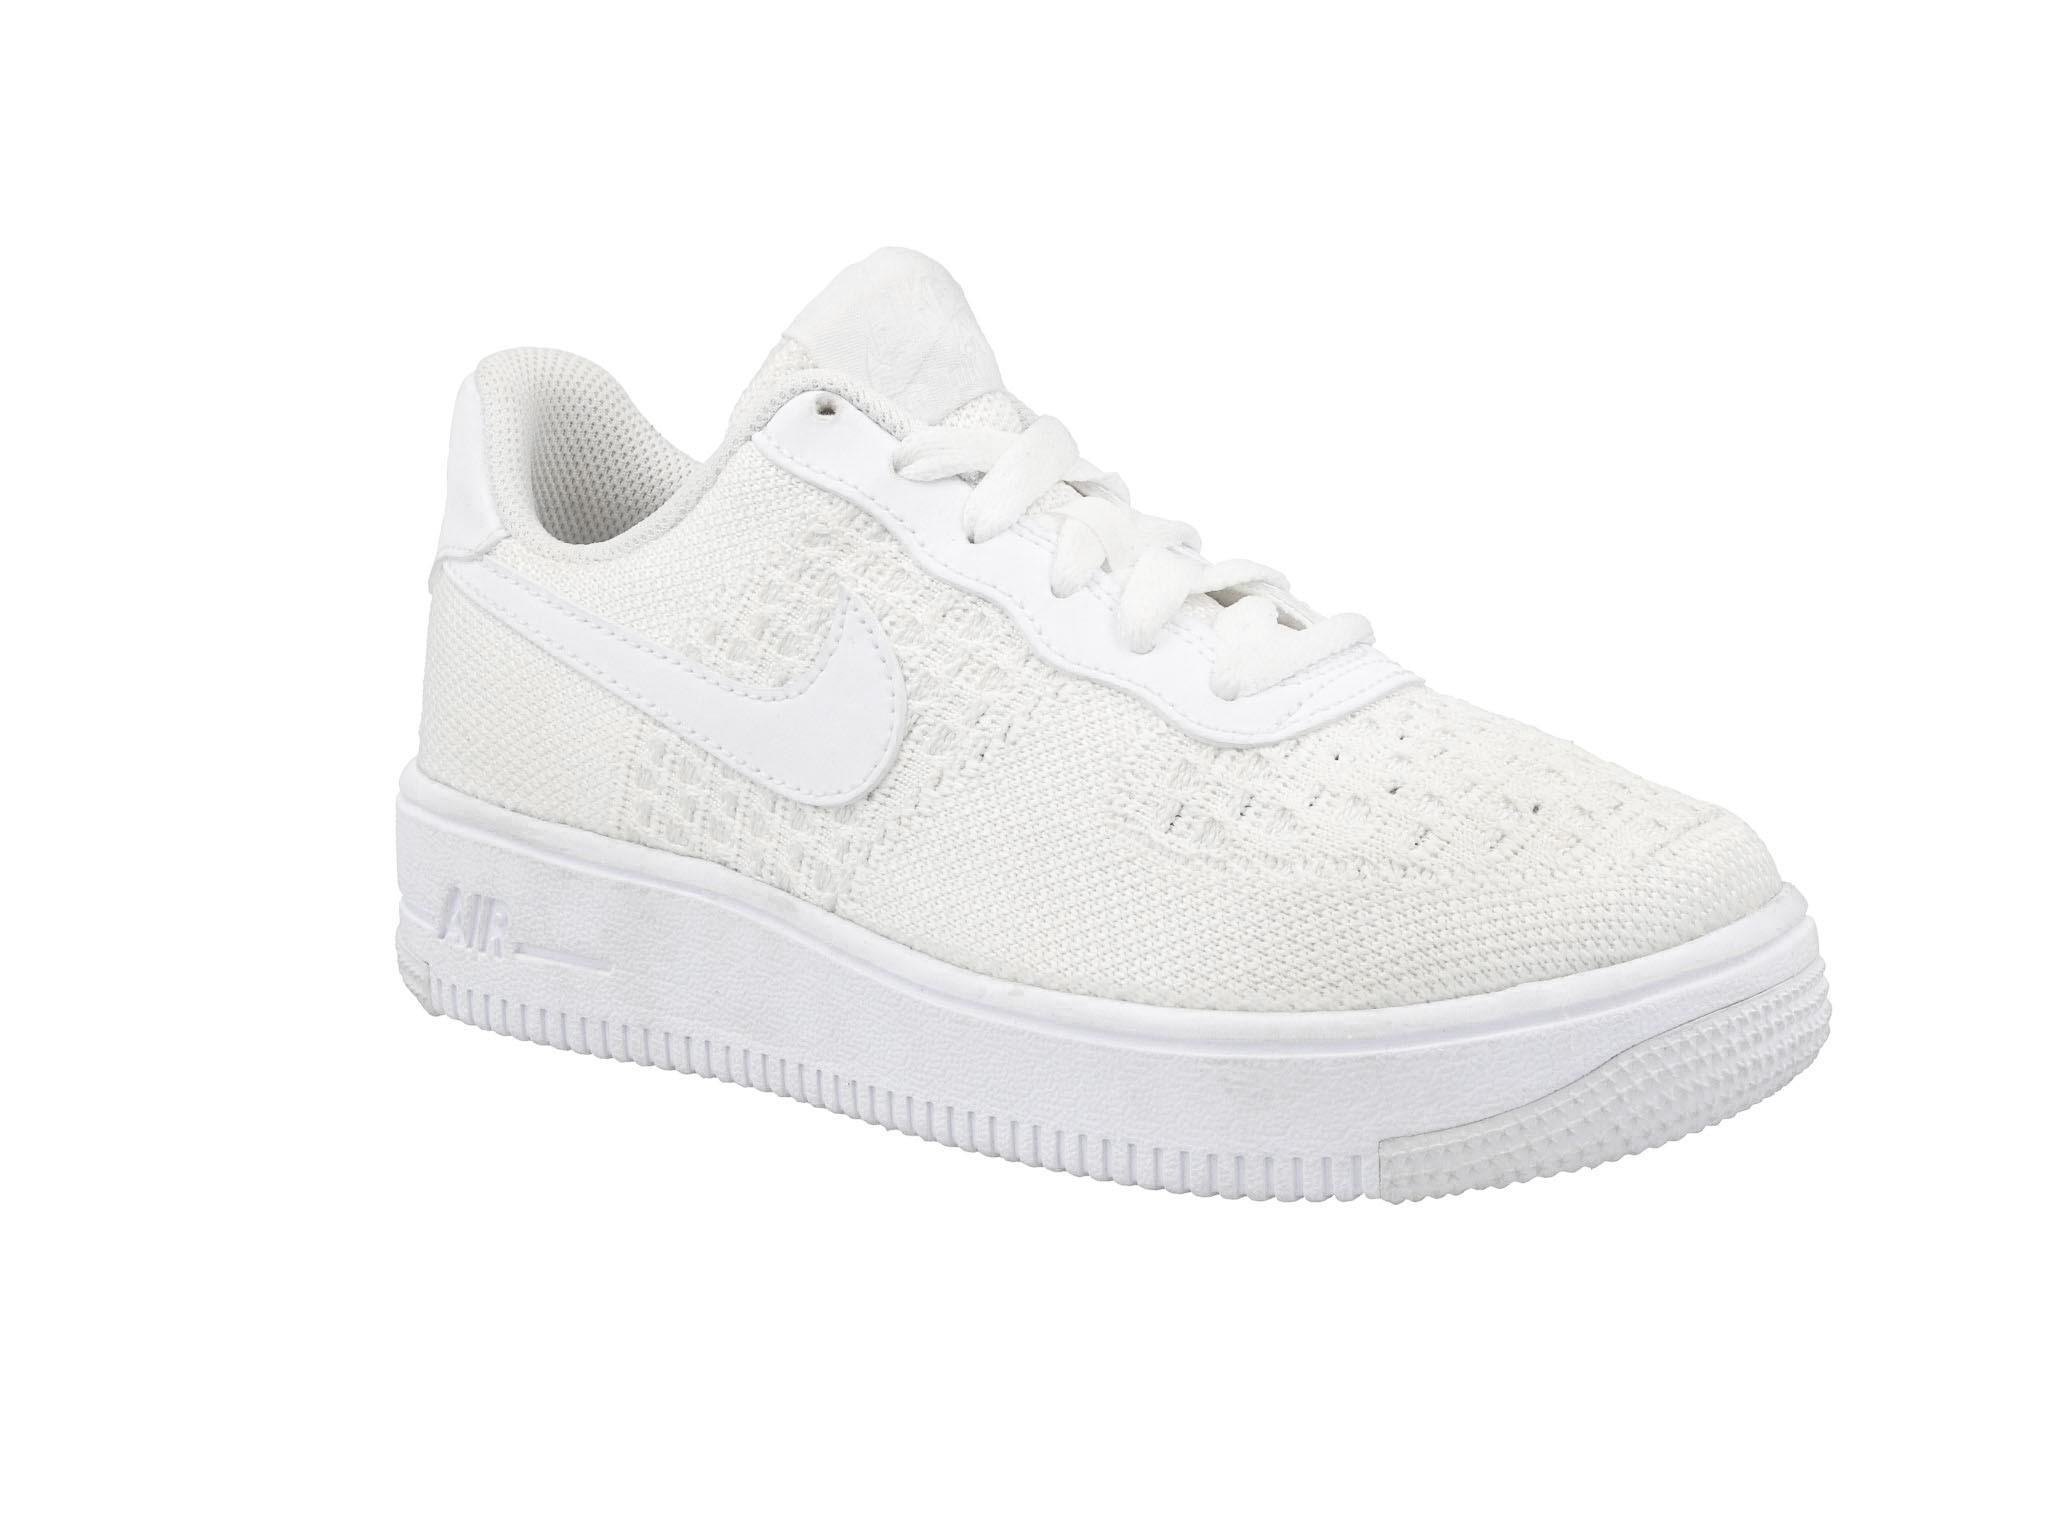 Buty Nike Air Force 1 FLYKNIT 2.0 Sklep obuwiee.pl |Obuwie